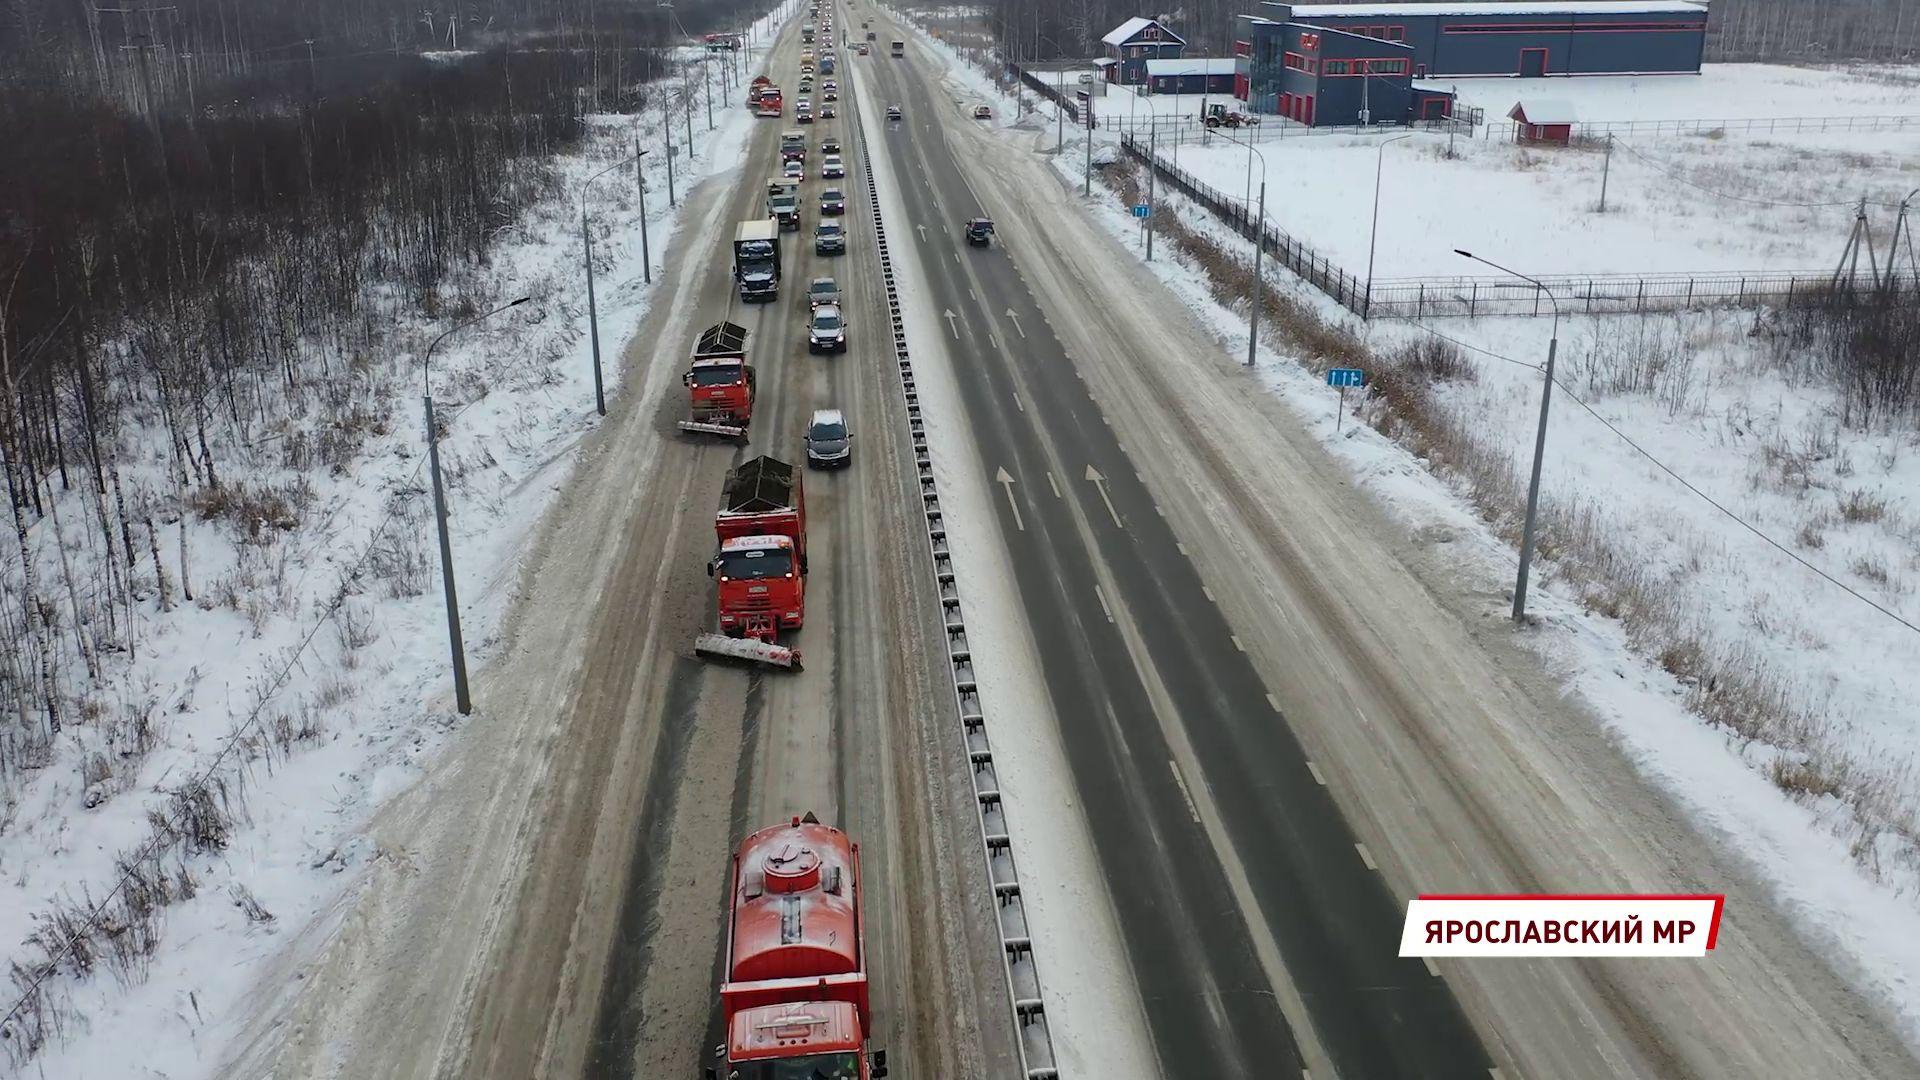 В Ярославле планируют увеличить количество дорожных рабочих и спецмашин